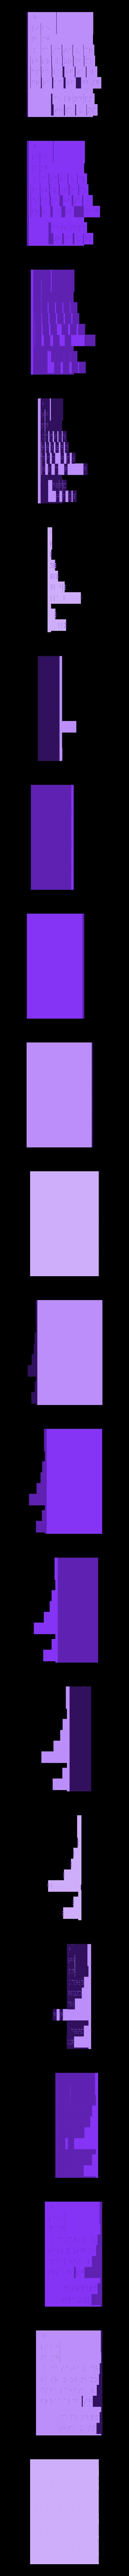 new_Braille_density_table2Cut1.stl Télécharger fichier STL gratuit Amélioration du tableau périodique en braille (densité) • Modèle imprimable en 3D, Durbarod